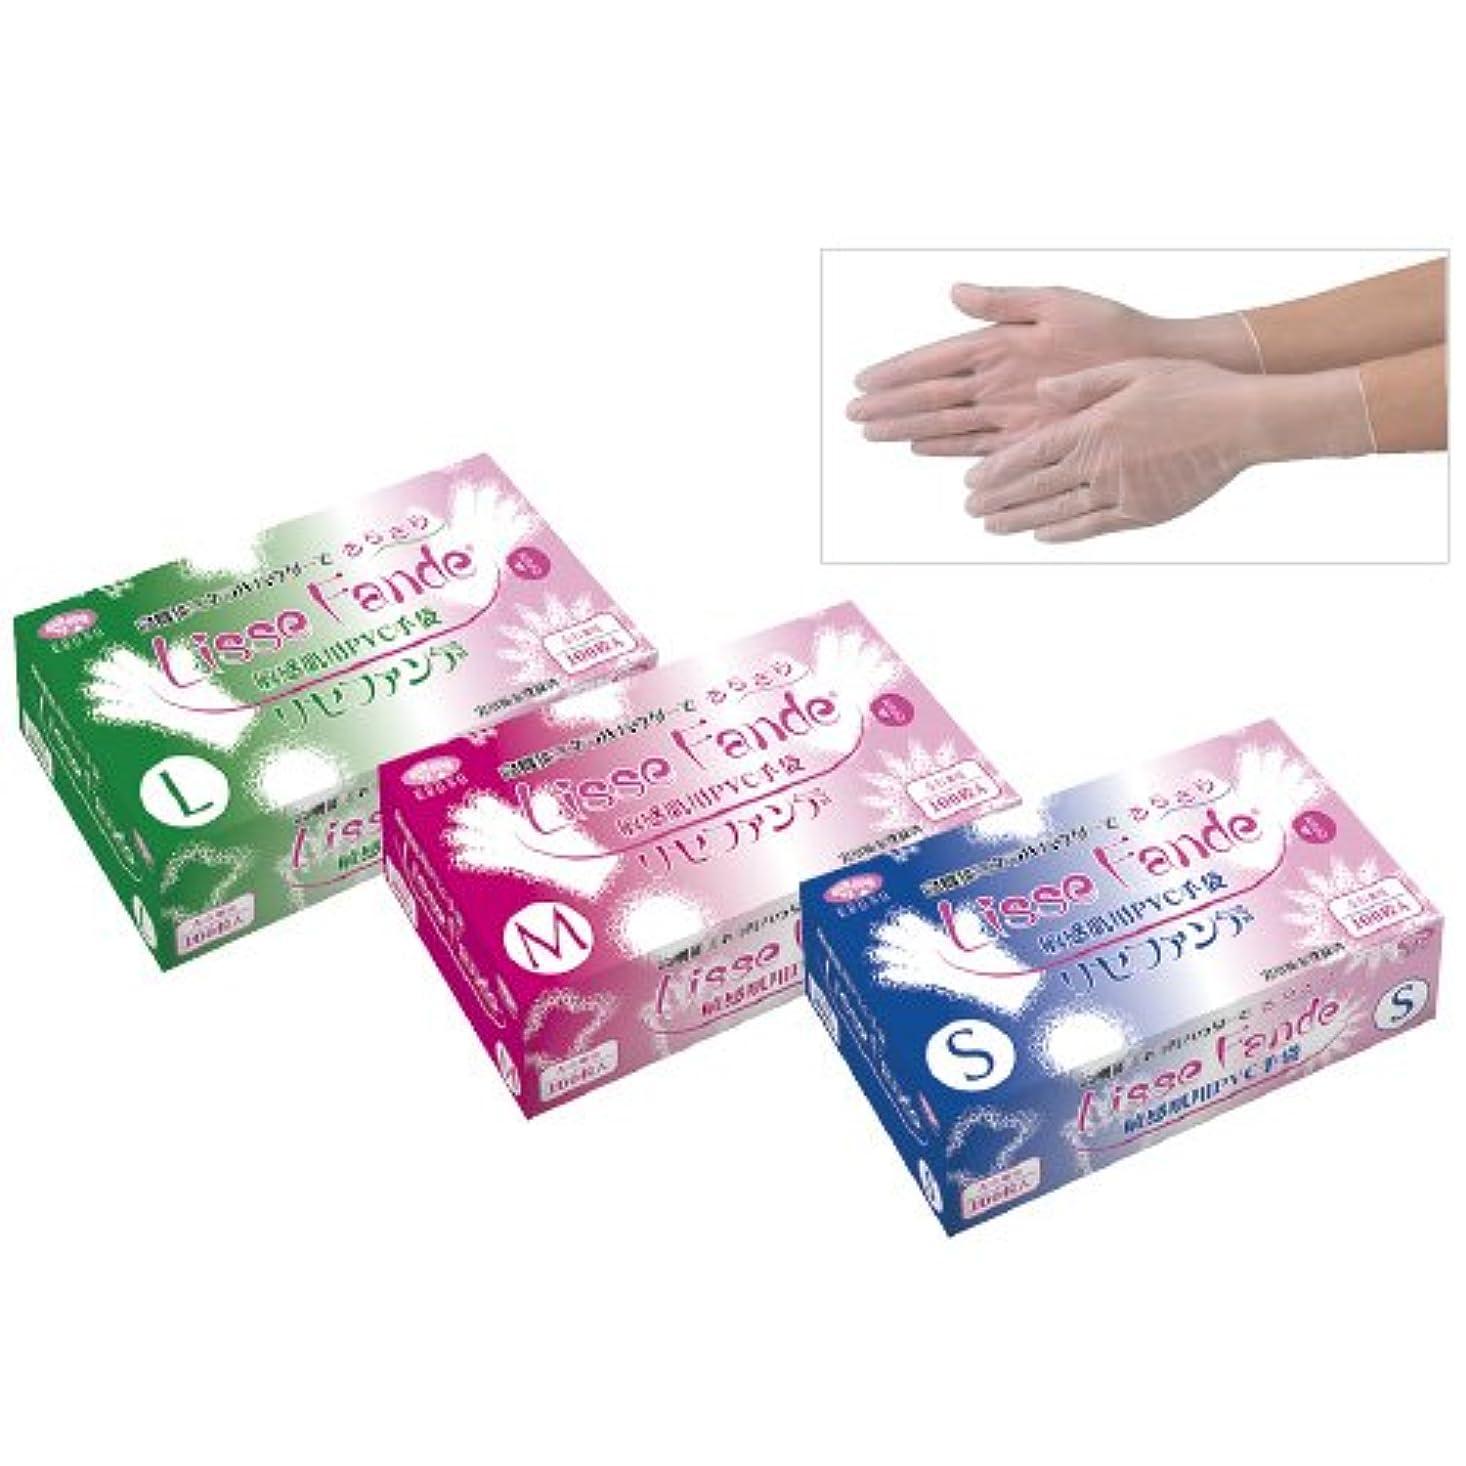 デジタル渇きに同意する敏感肌用PVC手袋リセファンデ 117(L)100???? ??????????PVC??????(24-4373-02)【エブノ】[20箱単位]